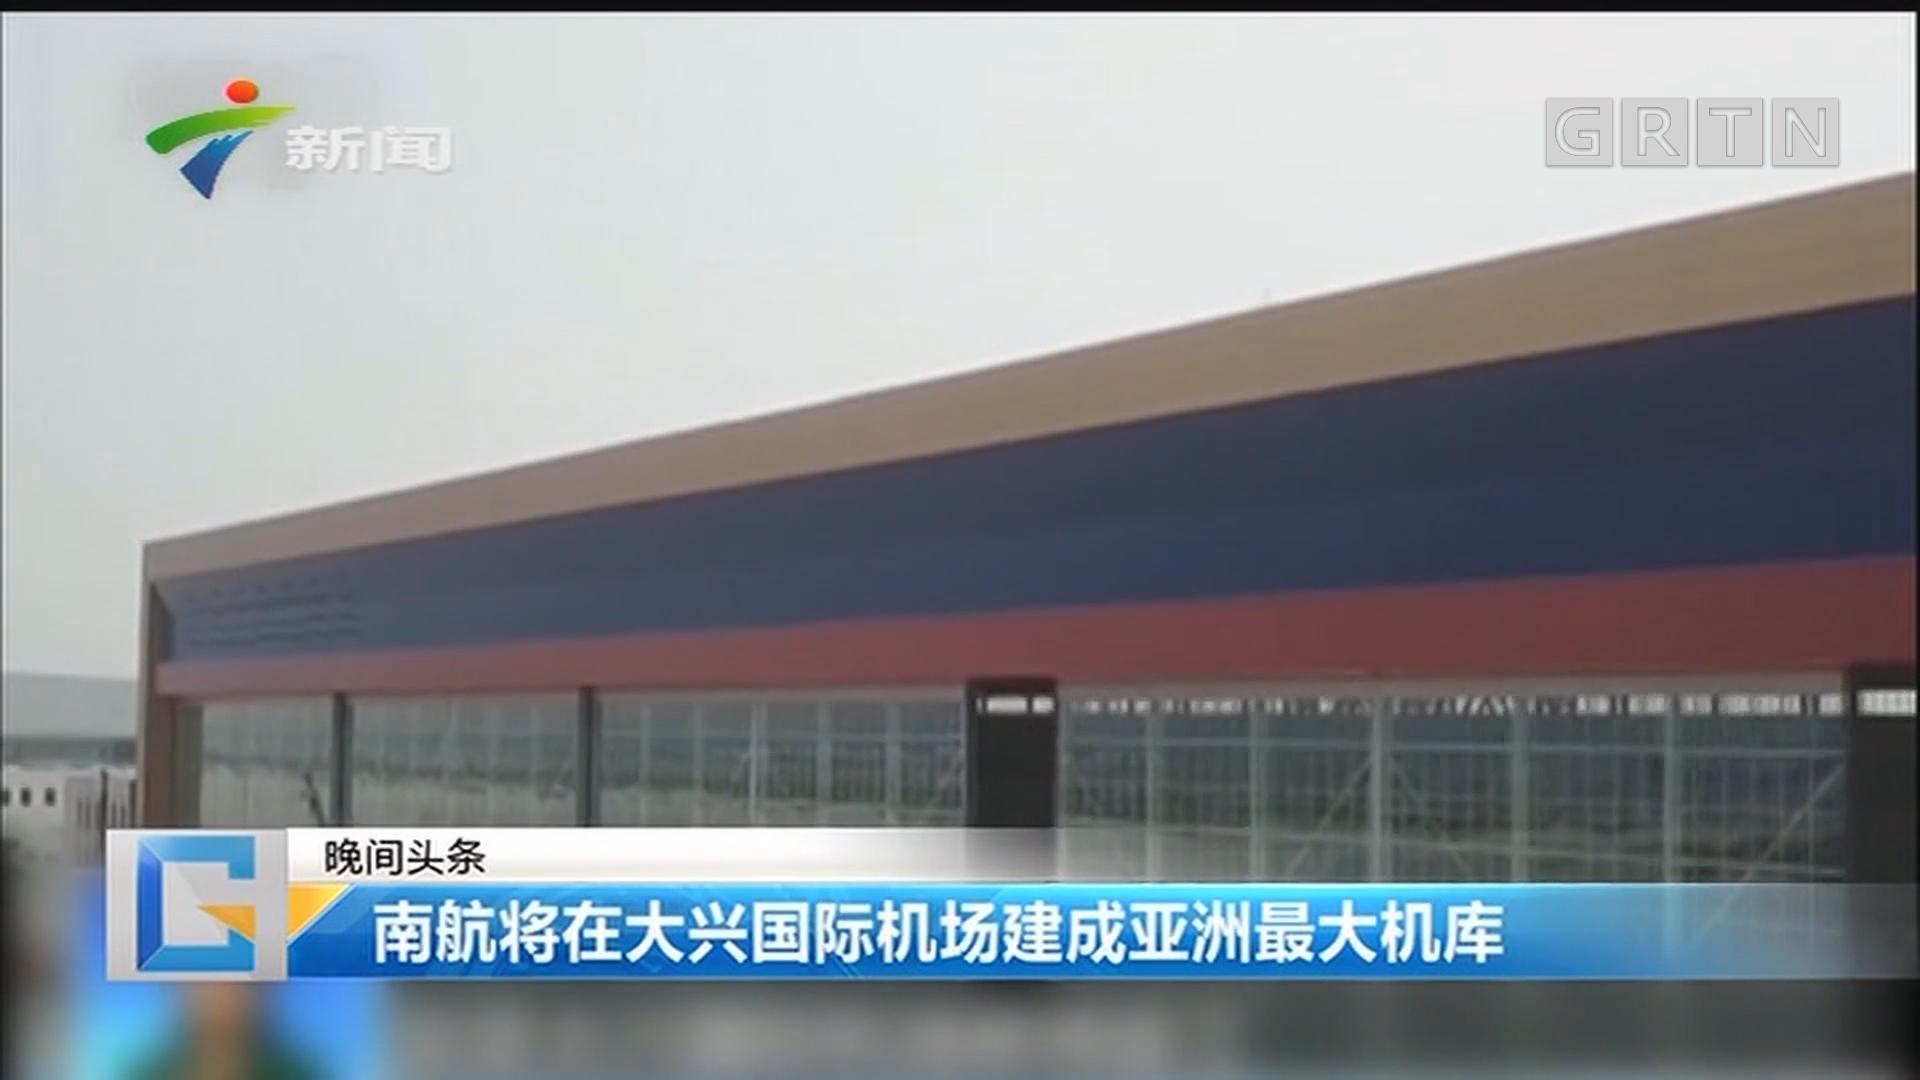 南航将在大兴国际机场建成亚洲最大机库